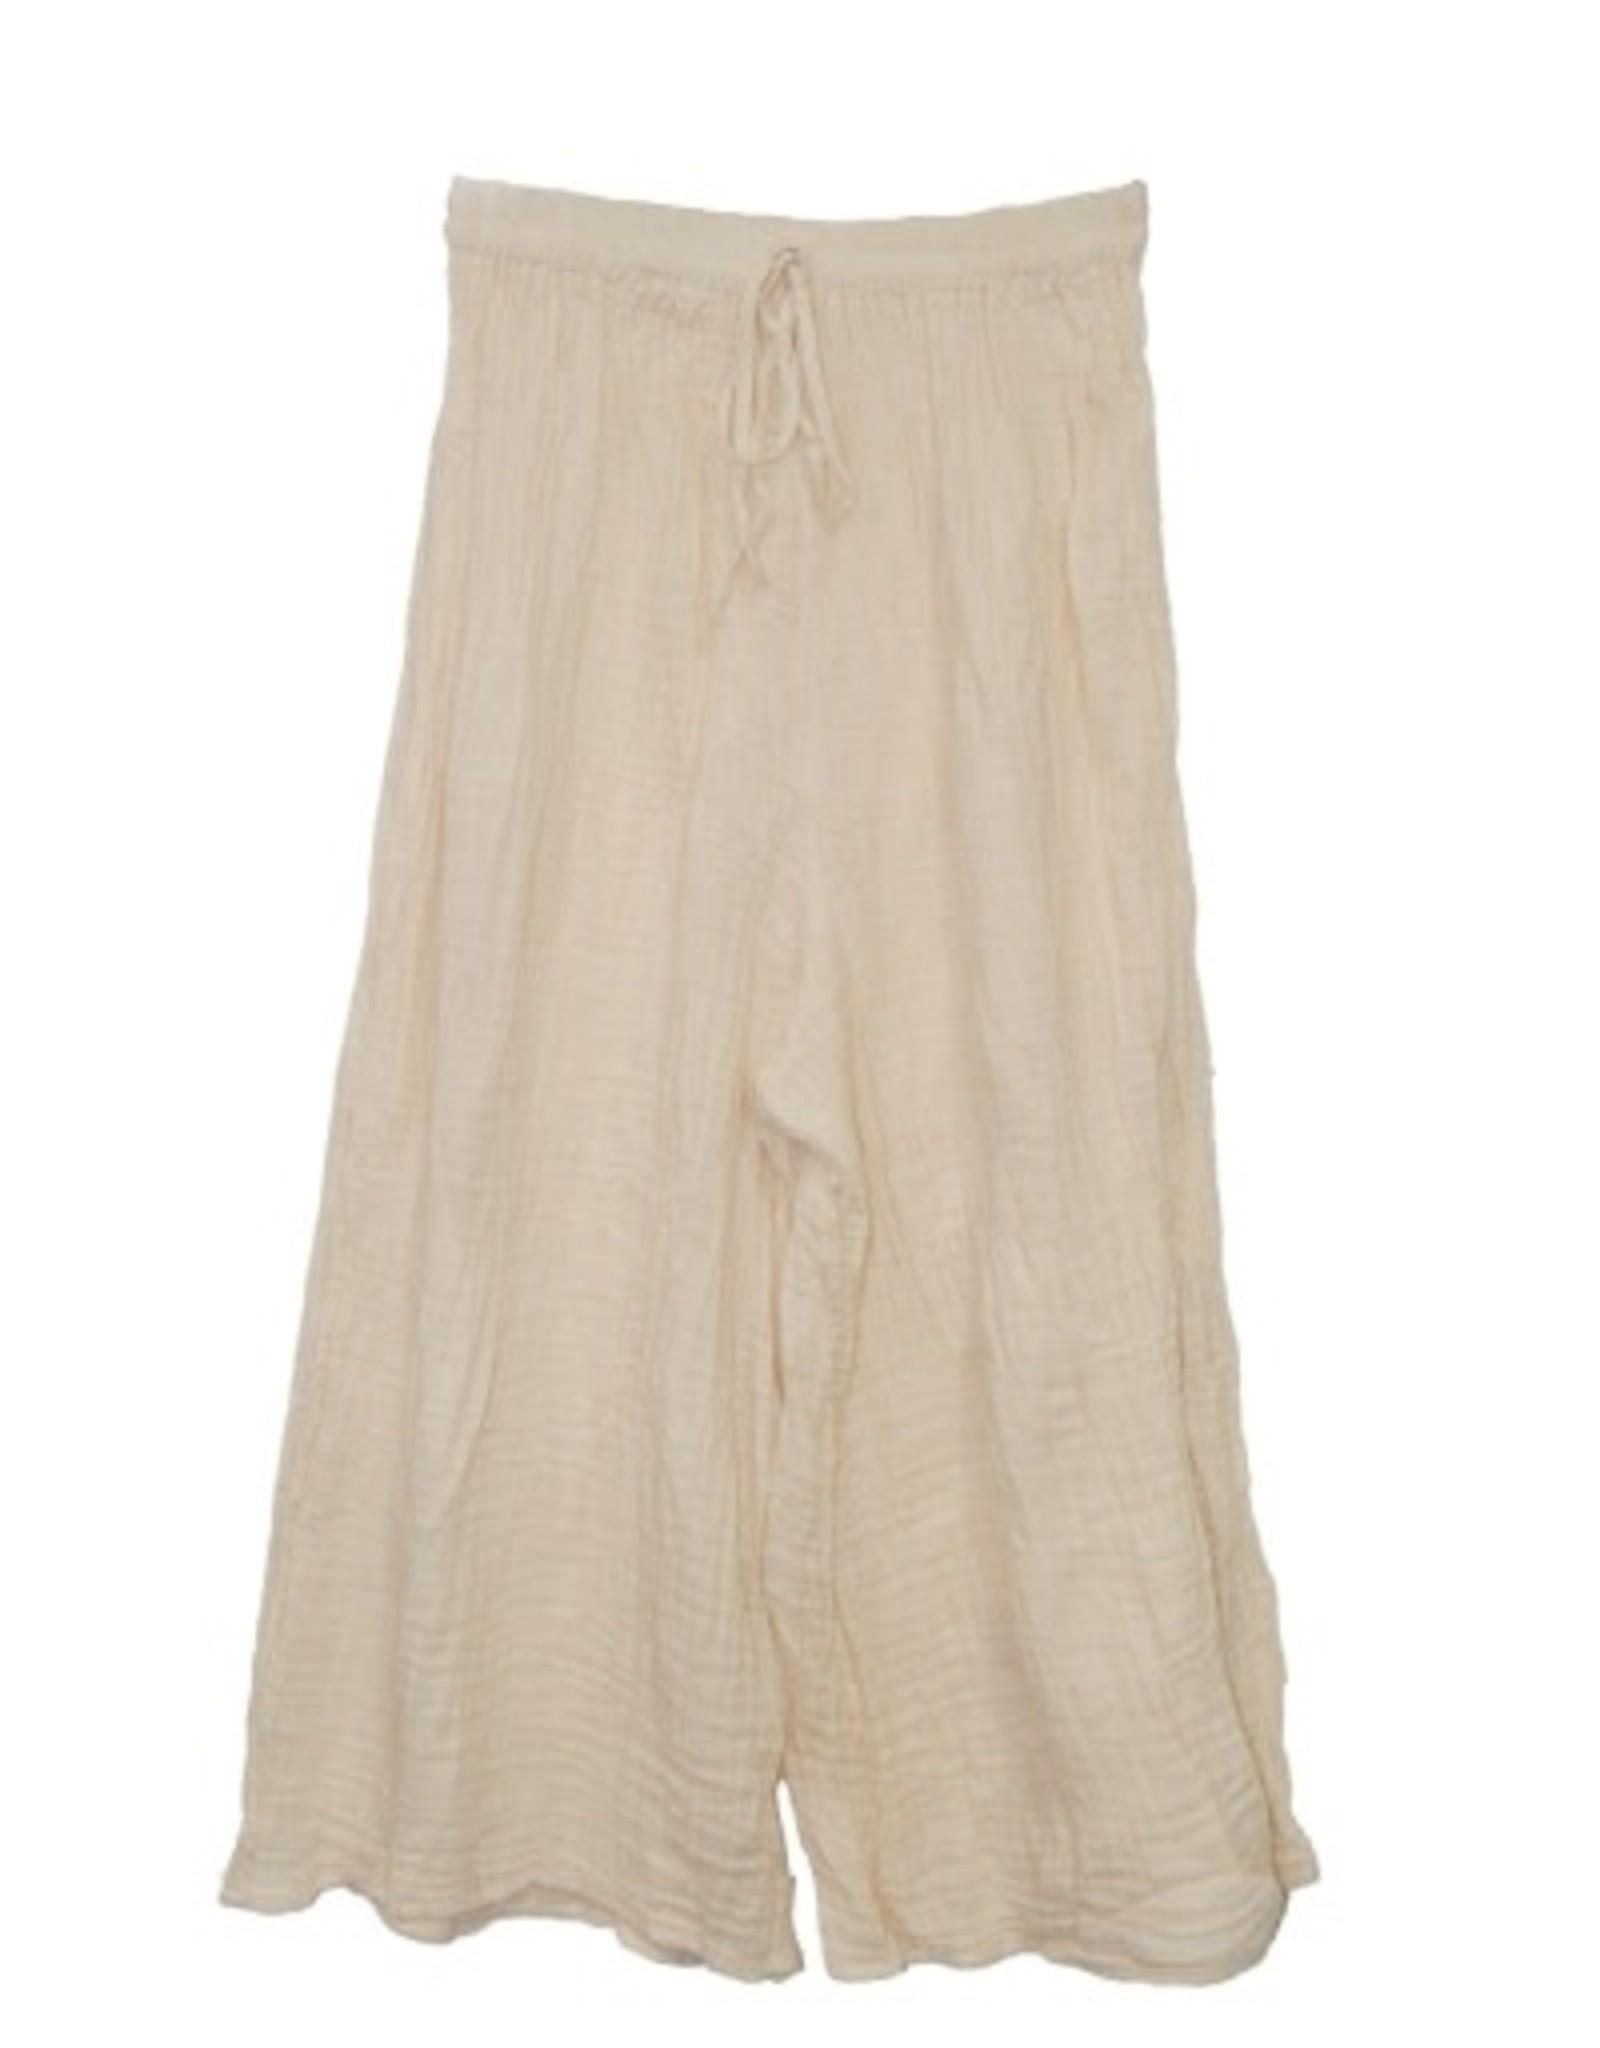 Double Cotton Crinkle Pants, Natural L/XL, Thailand